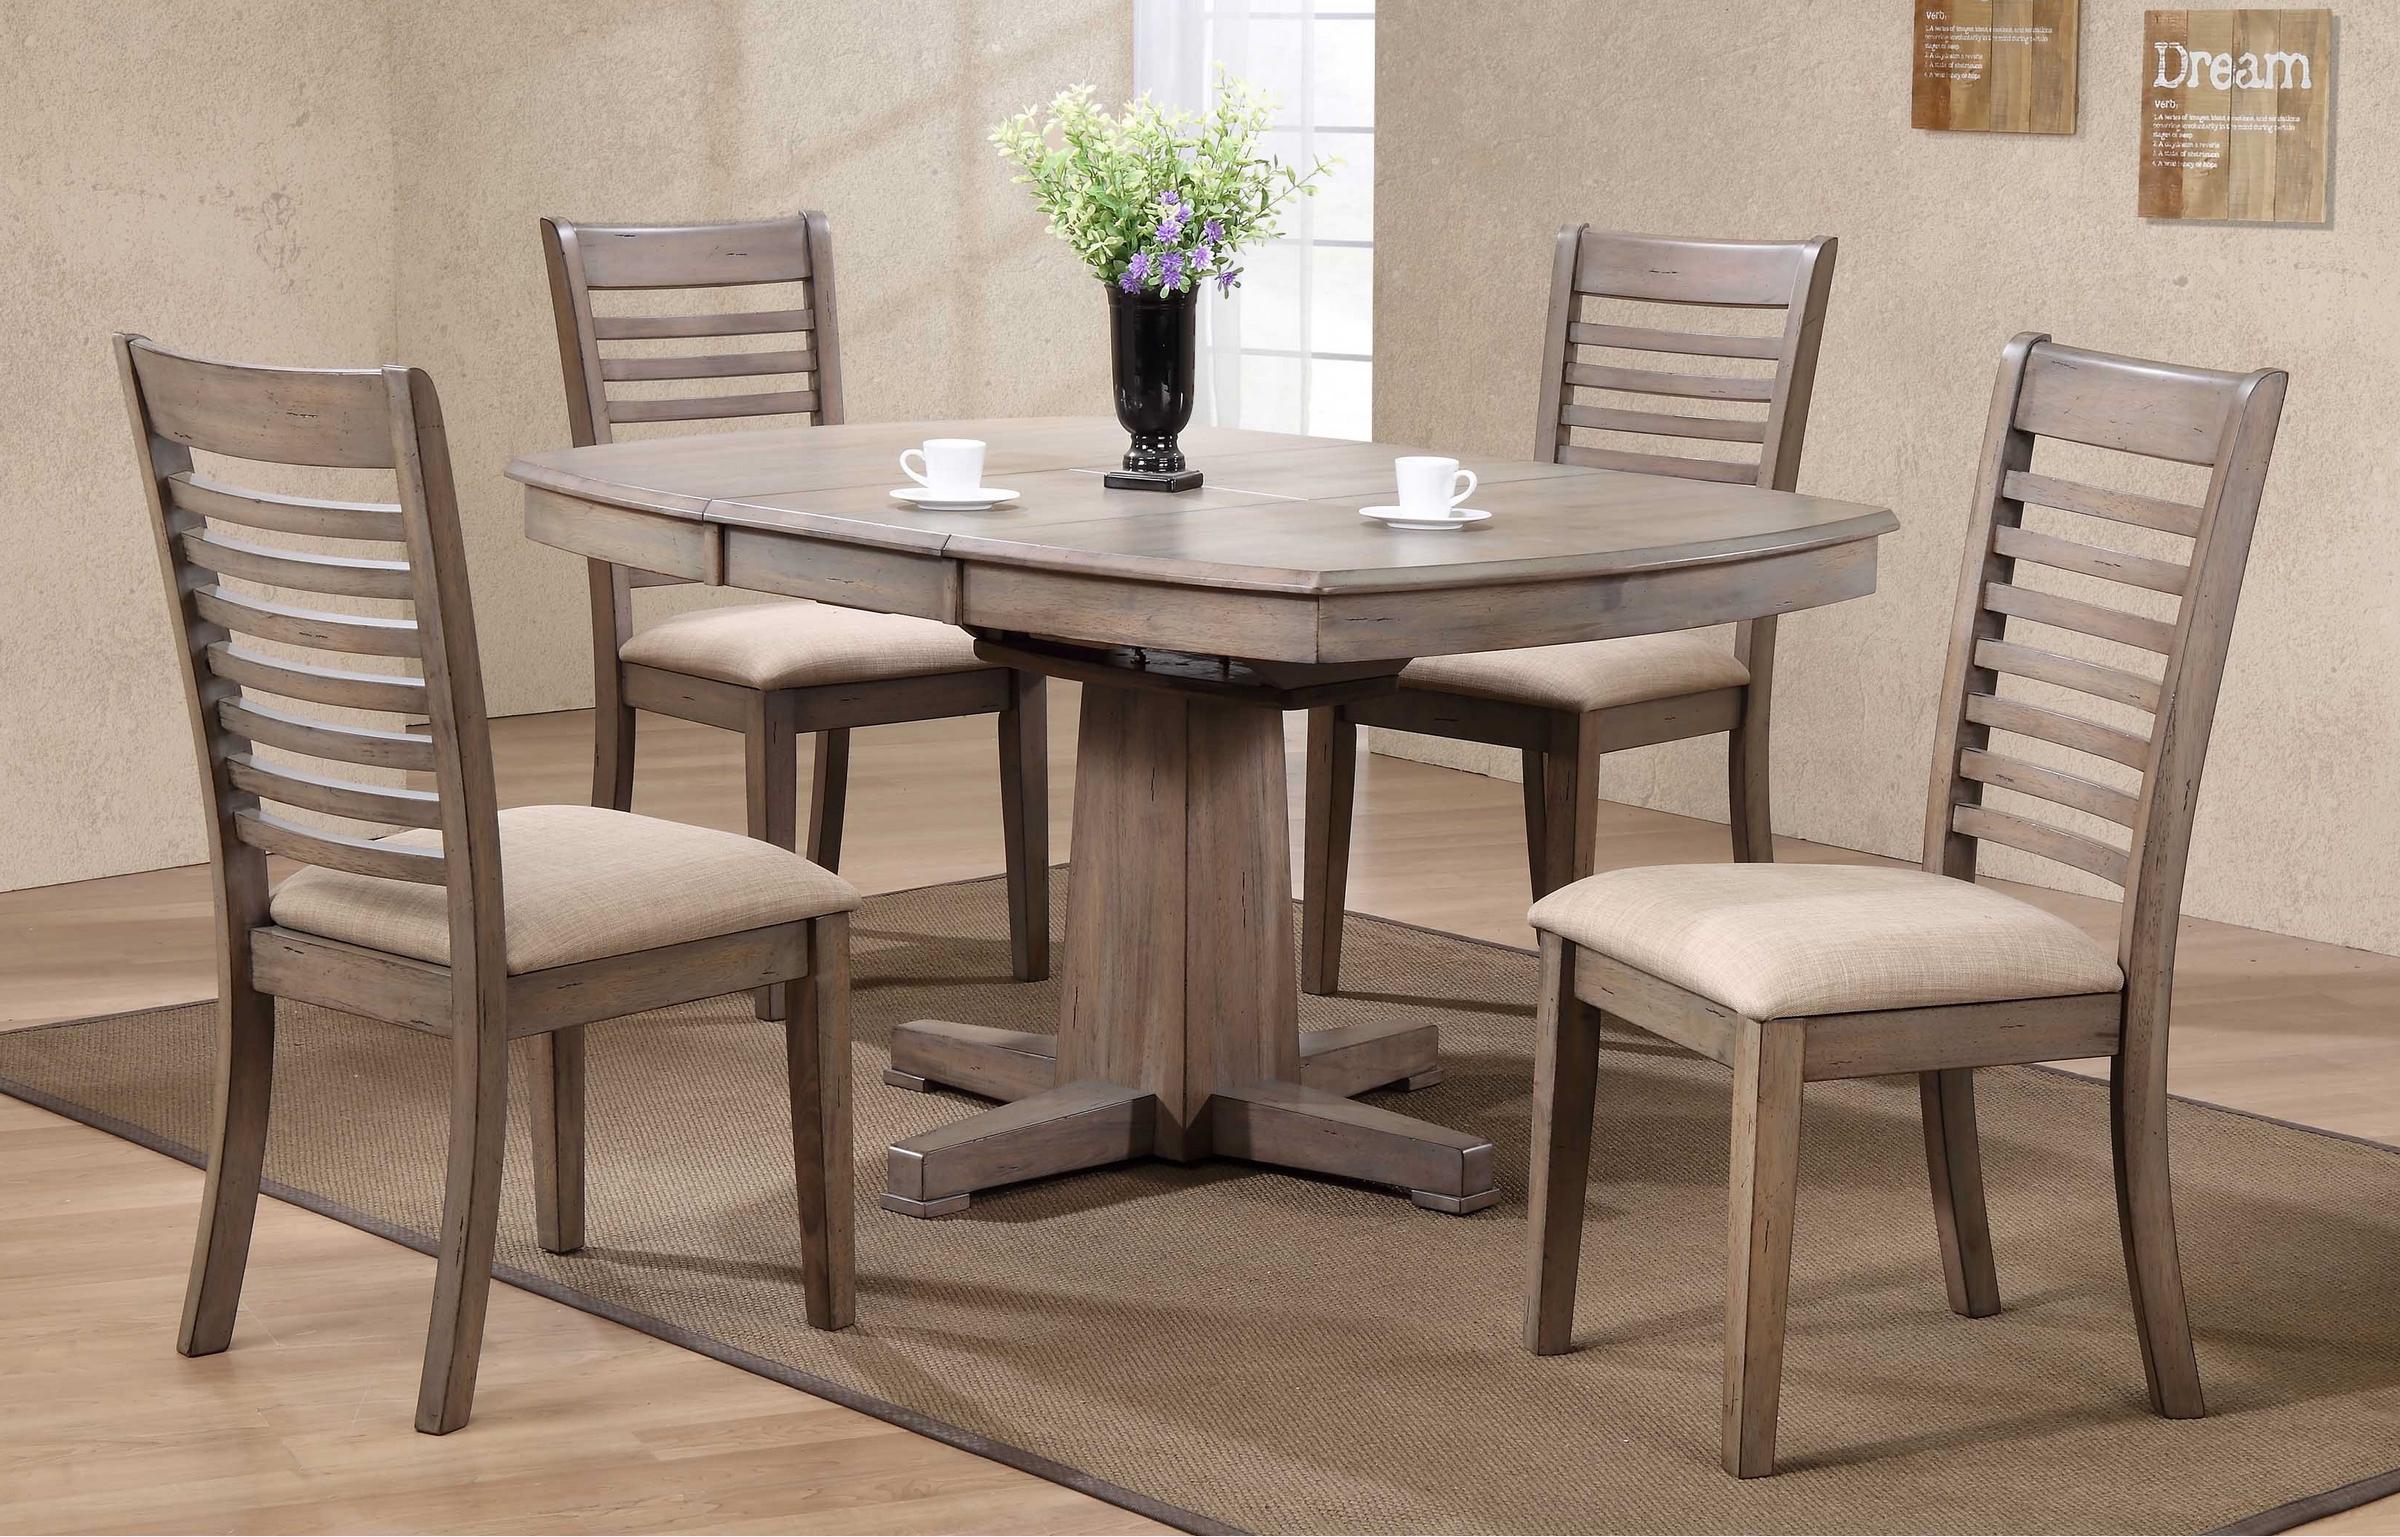 Table et 4 chaises Table 42'' x 42'' x 57'' Gris